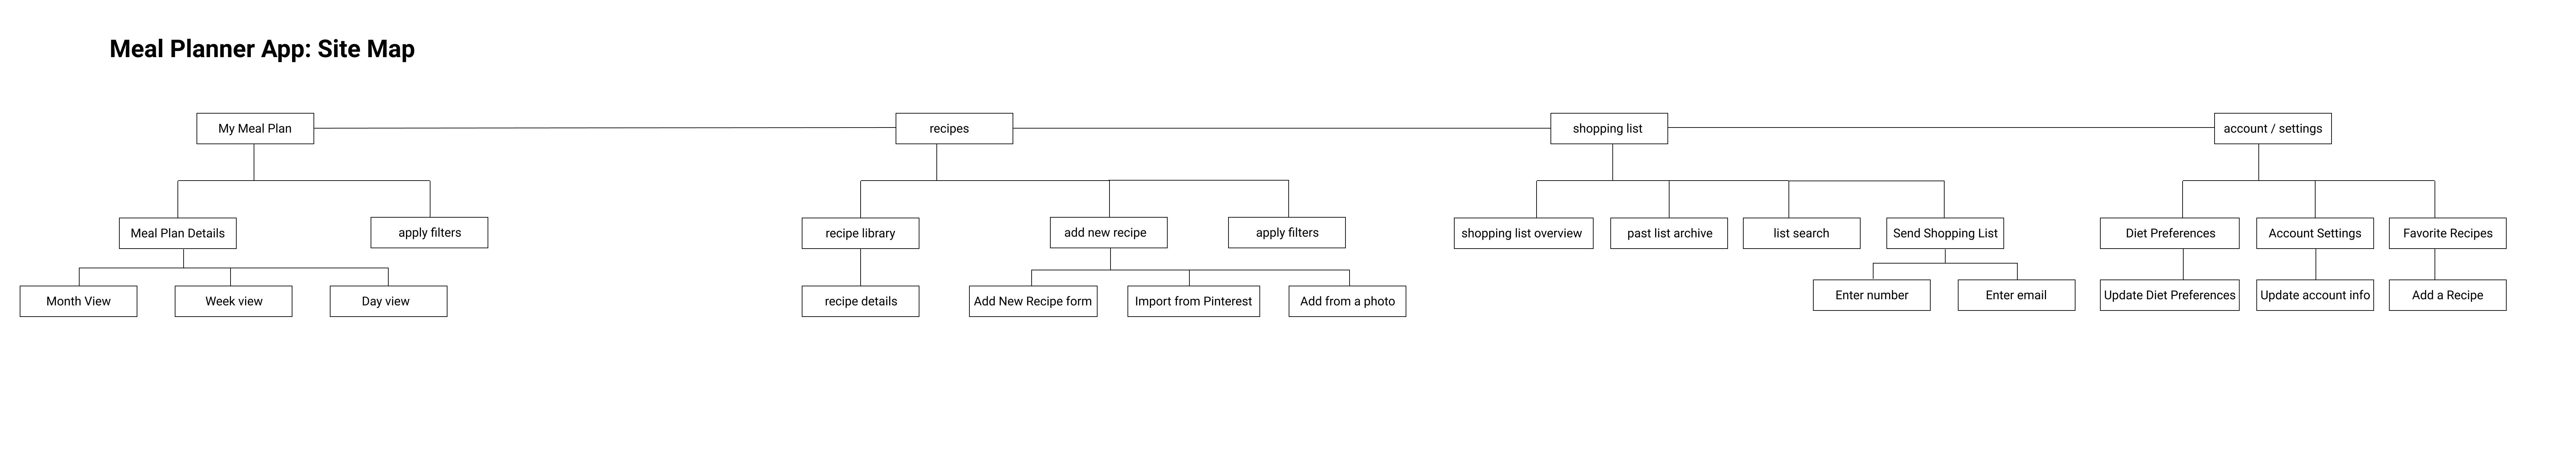 Meal Plan Pro sitemap v03